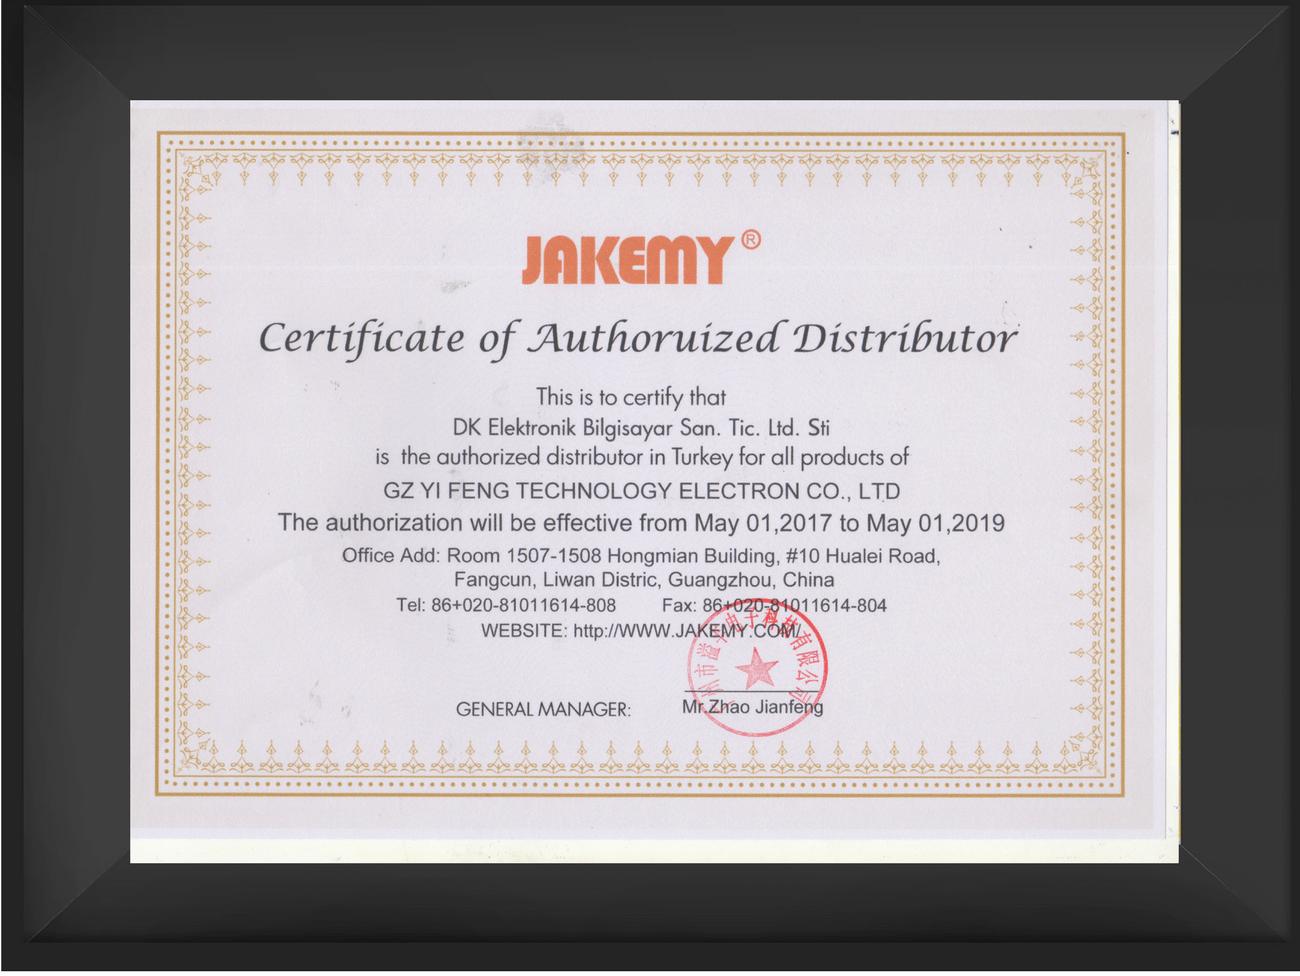 Jakemy Distribütör Sertifikası